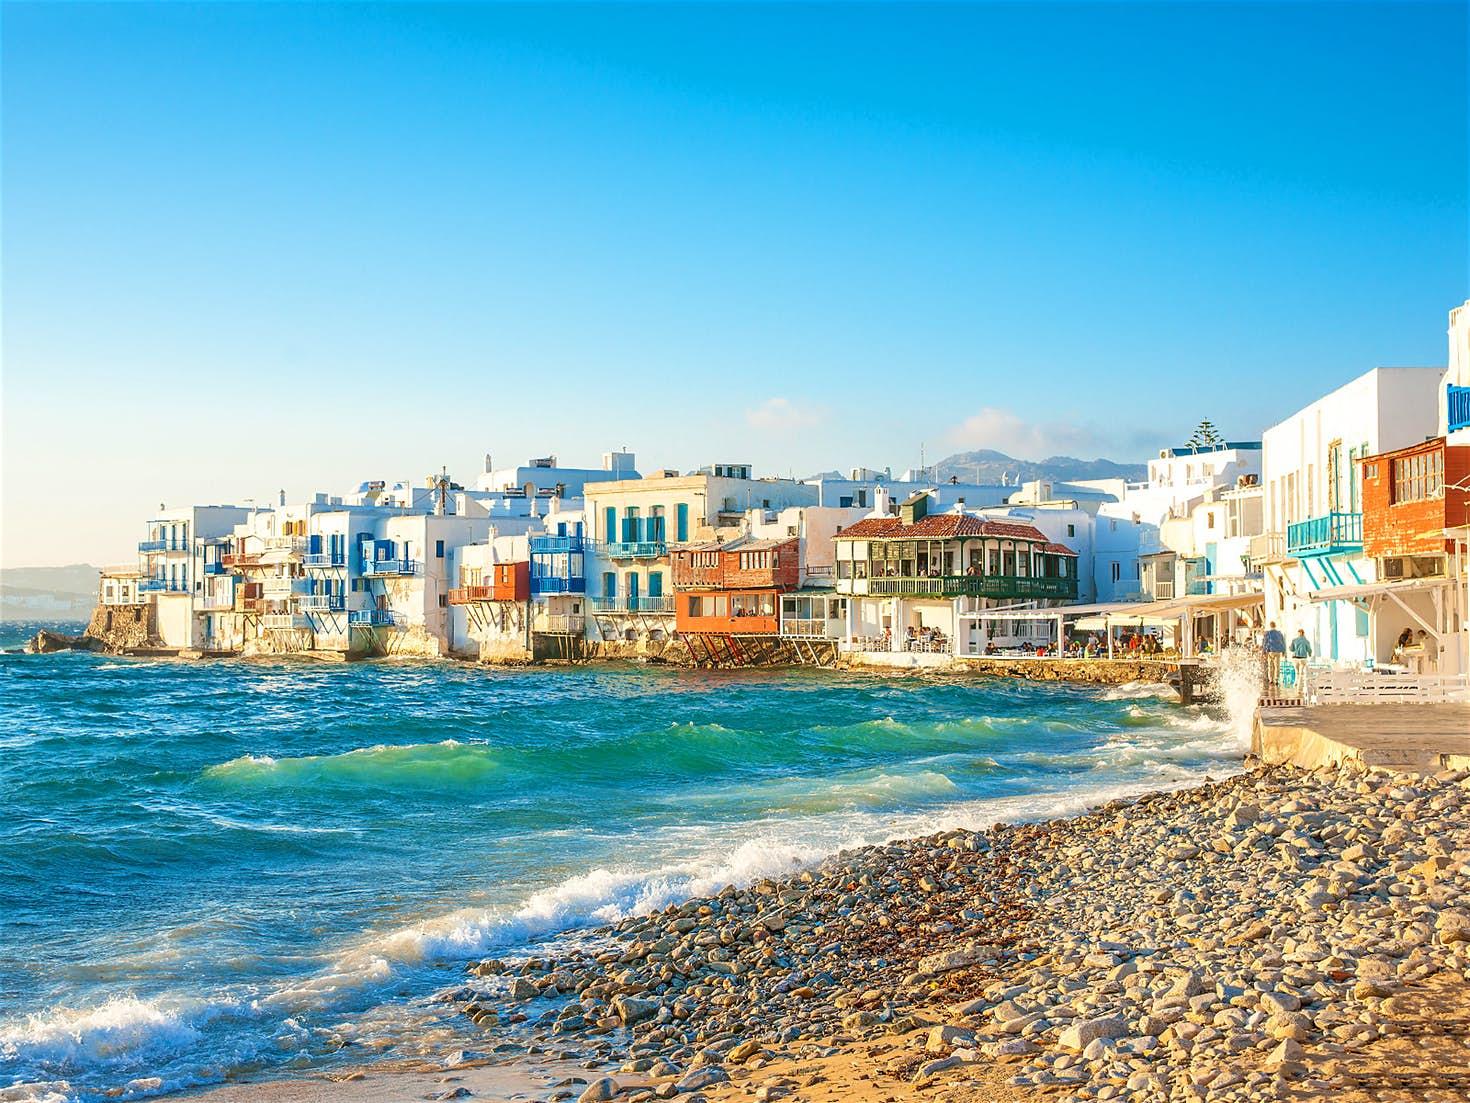 Estate 2019 Grecia Mykonos 7 Notti Volo Incluso Partenza 3 Agosto